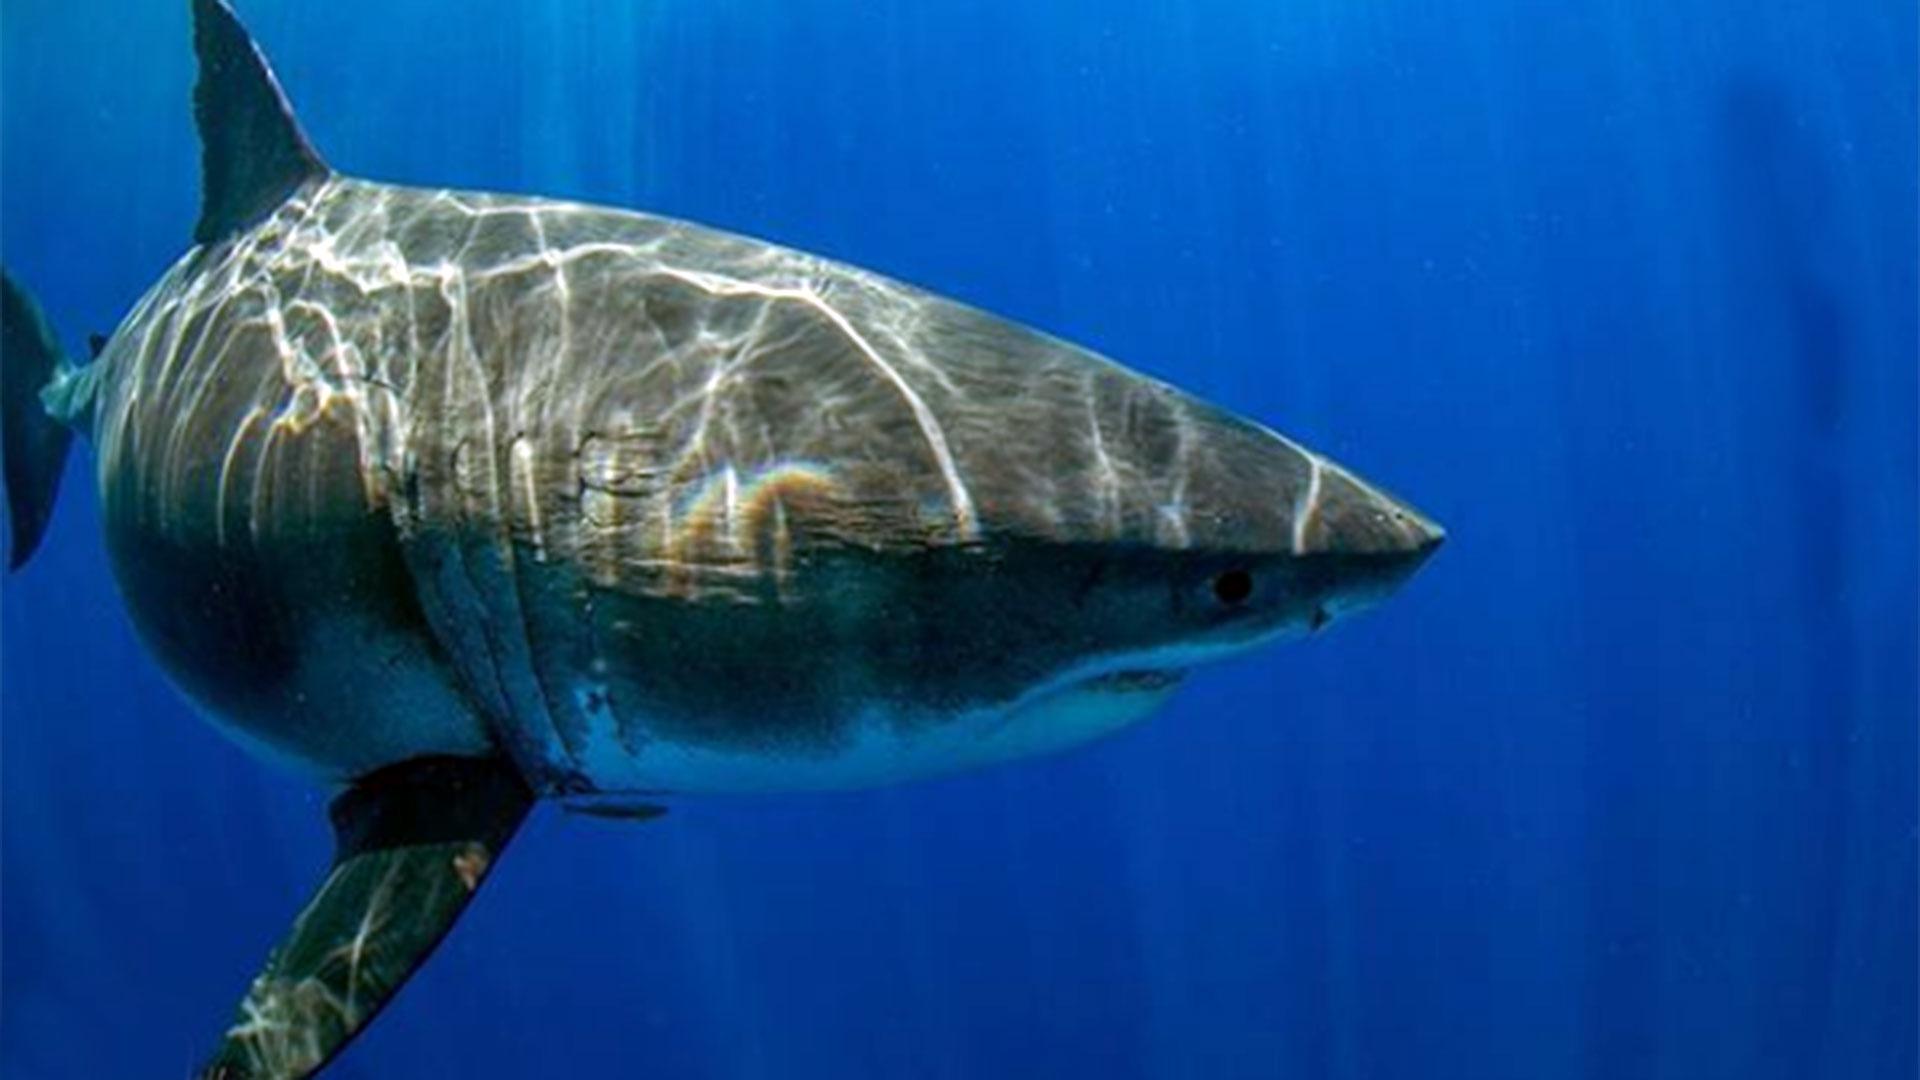 La última vez que la tiburón fue retratada ocurrió en julio de 2013, cerca a la Isla de Guadalupe (México), aunque en aquella oportunidad los buzos estaban protegidos por una celda